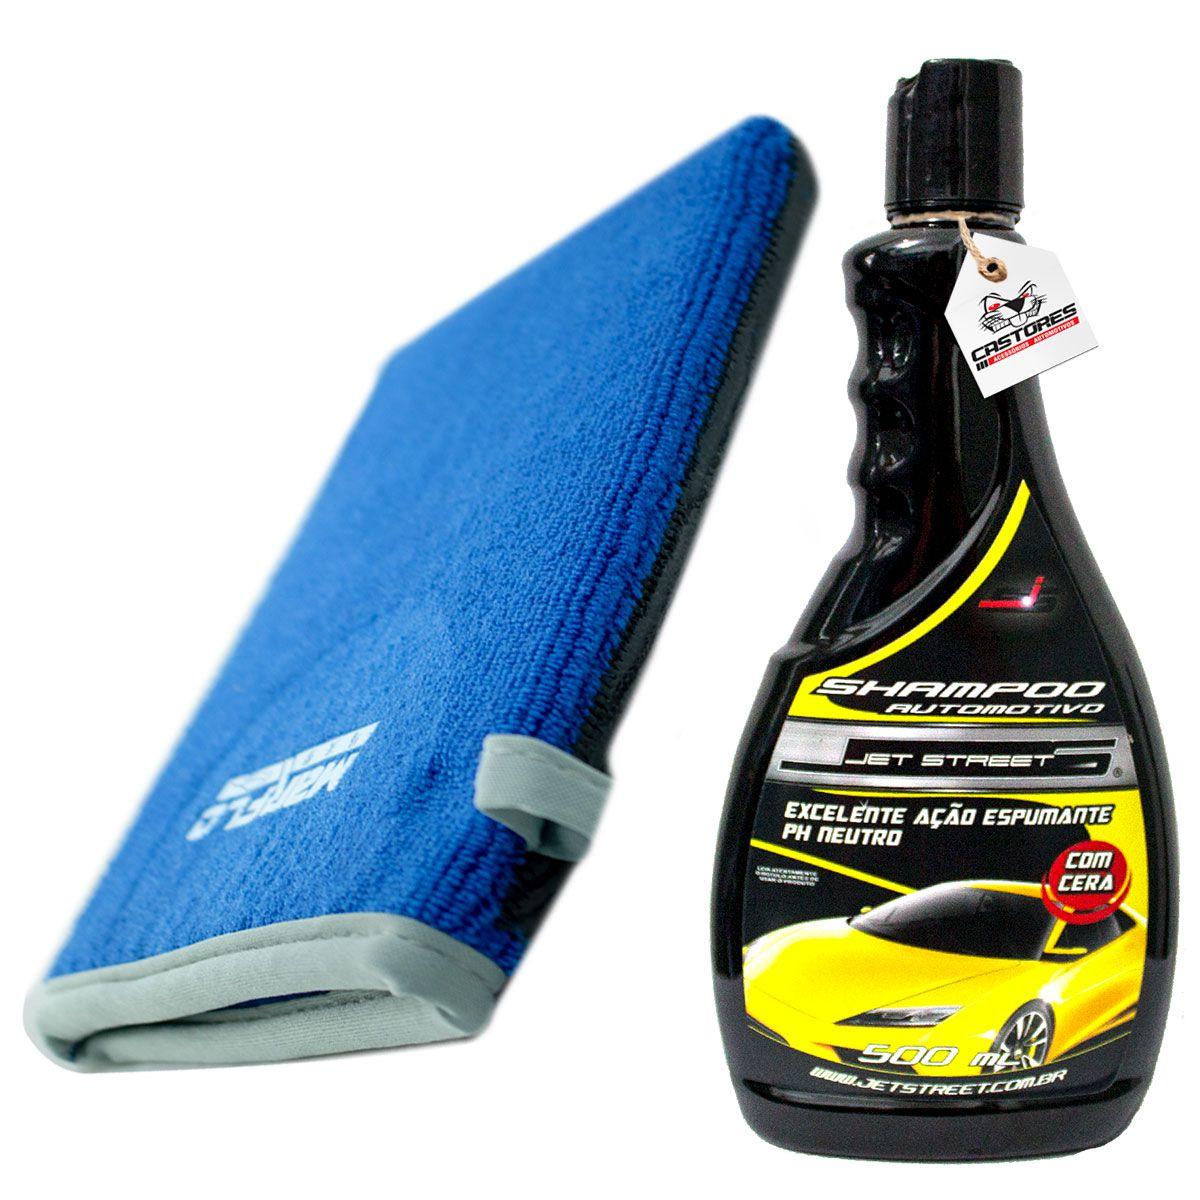 Kit Luva Claybar Descontaminante + Shampoo Jetstreet